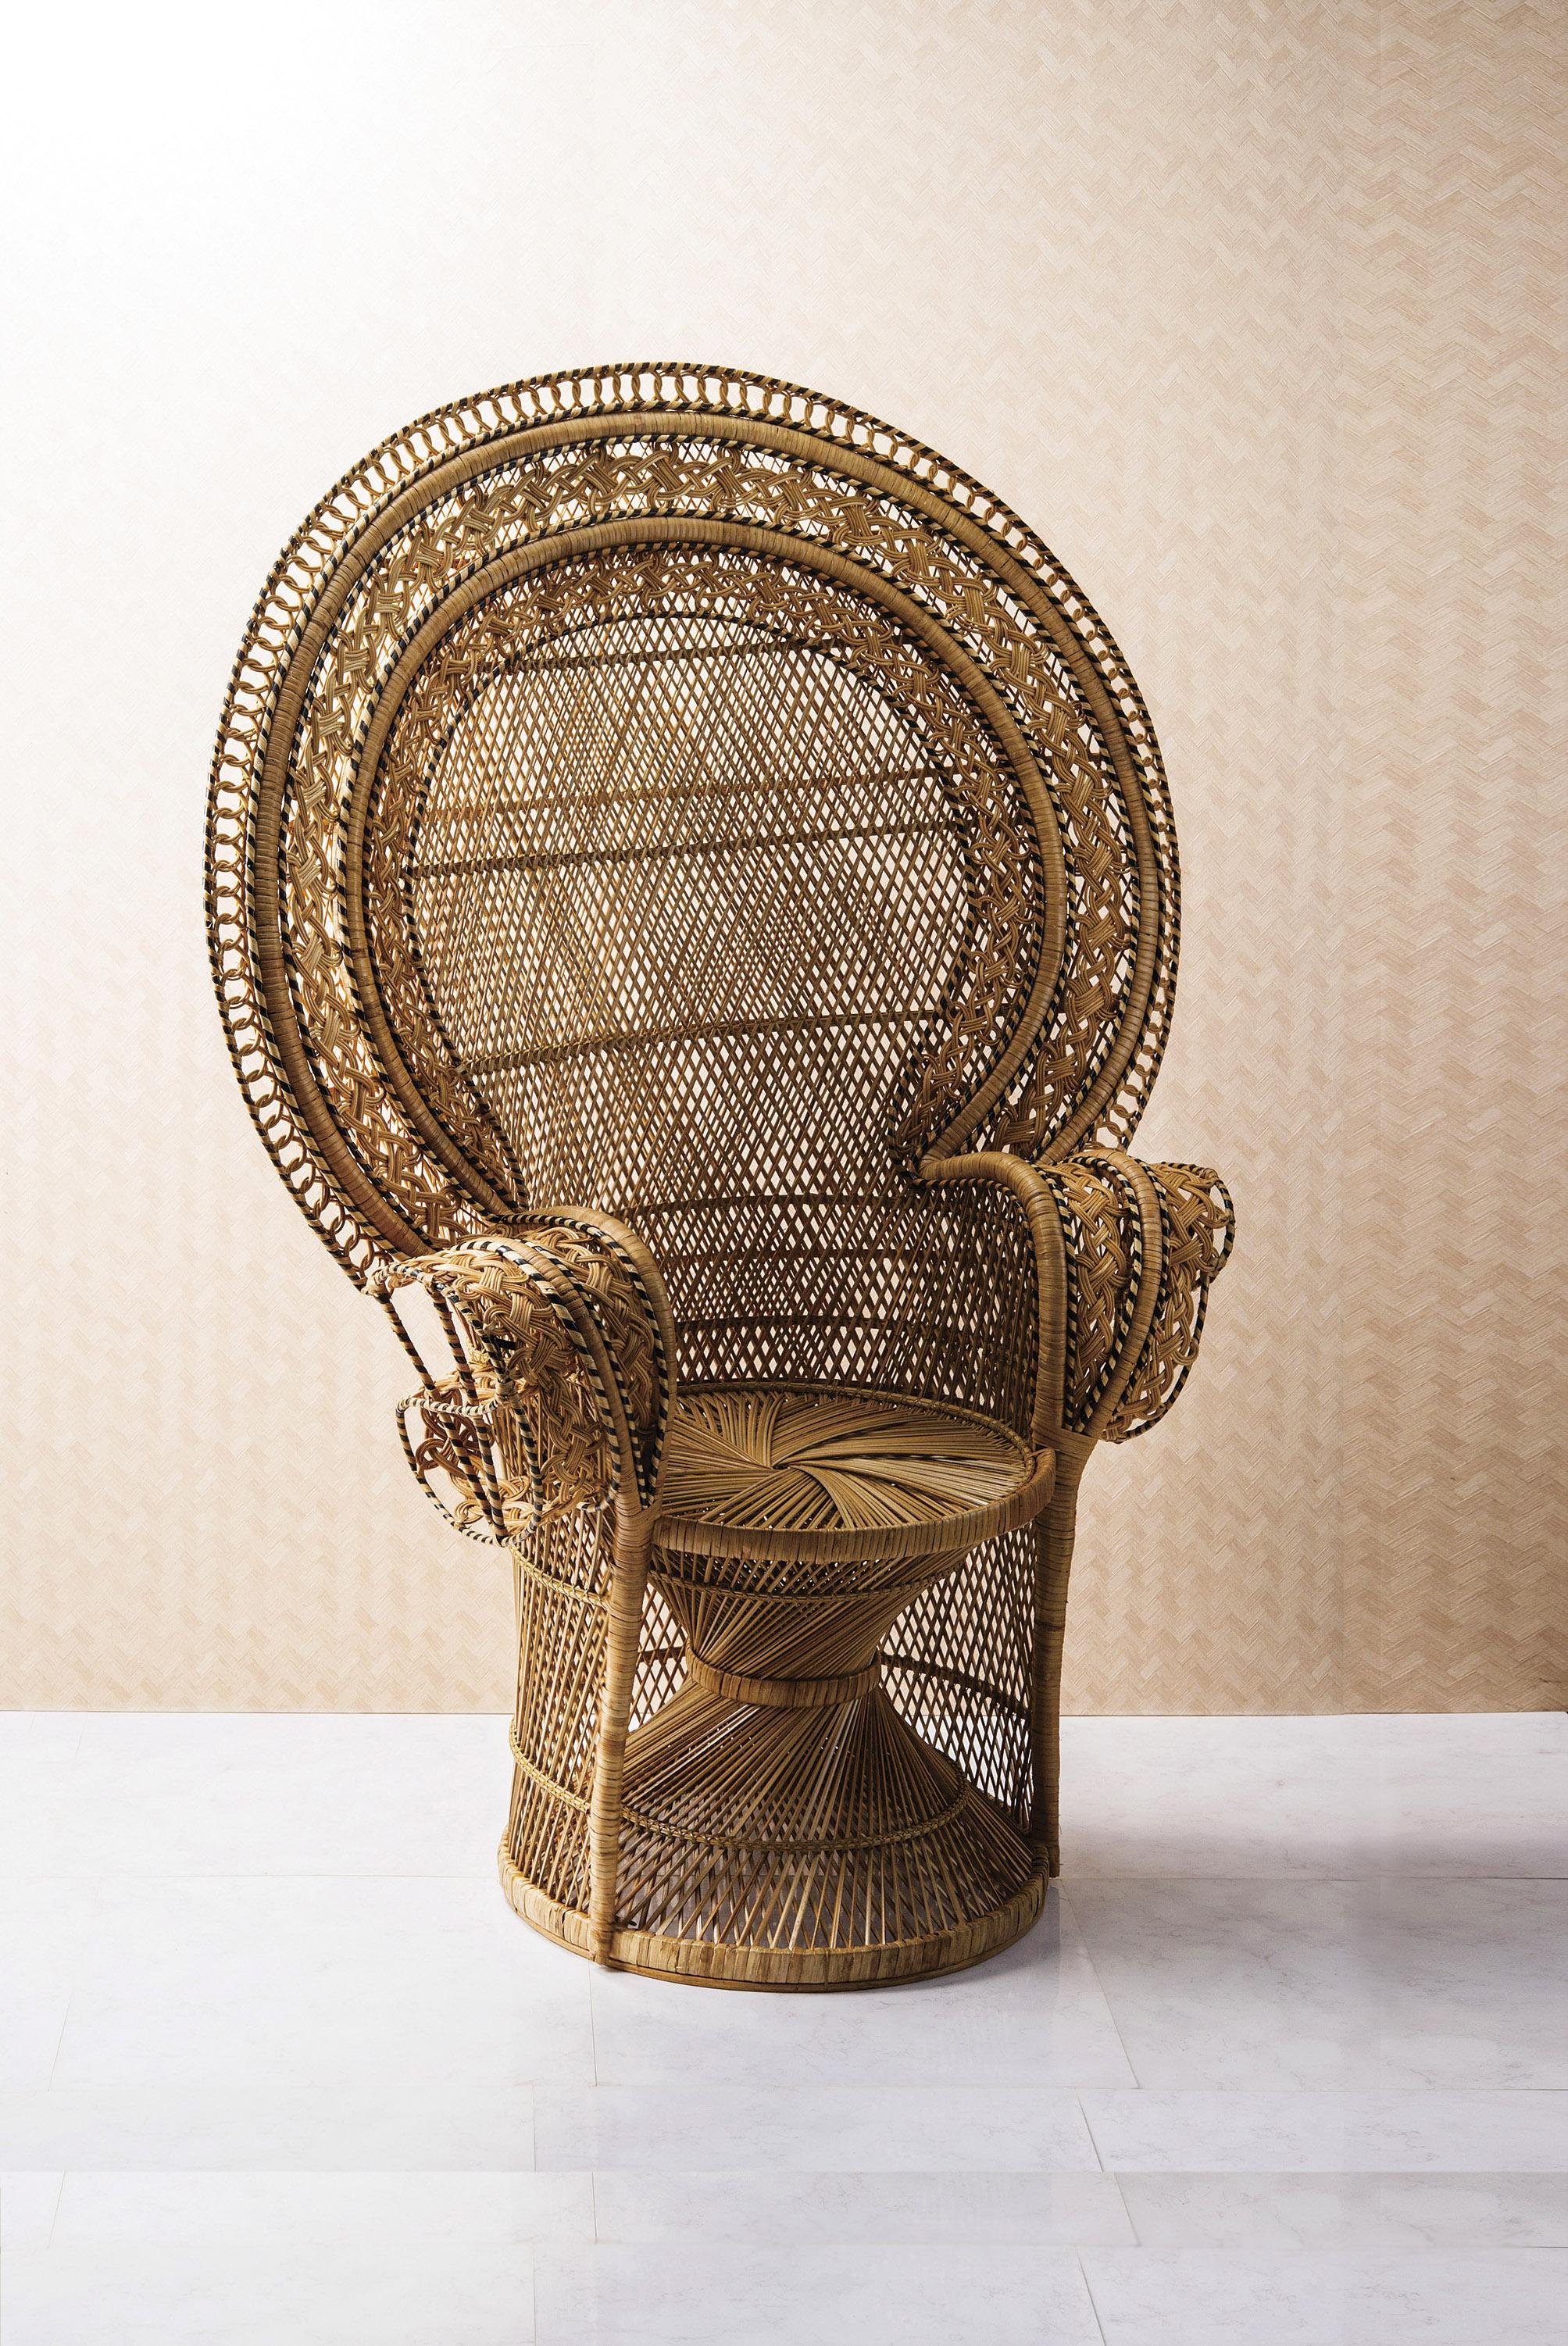 今季一番 家具 エマニュエルチェア天然素材 ハンドメイド エマニュエル 籐 ラタン 家具 インテリア 大きい 椅子 いす チェア アジアン エスニック リゾート, 栗東市 f02d52da